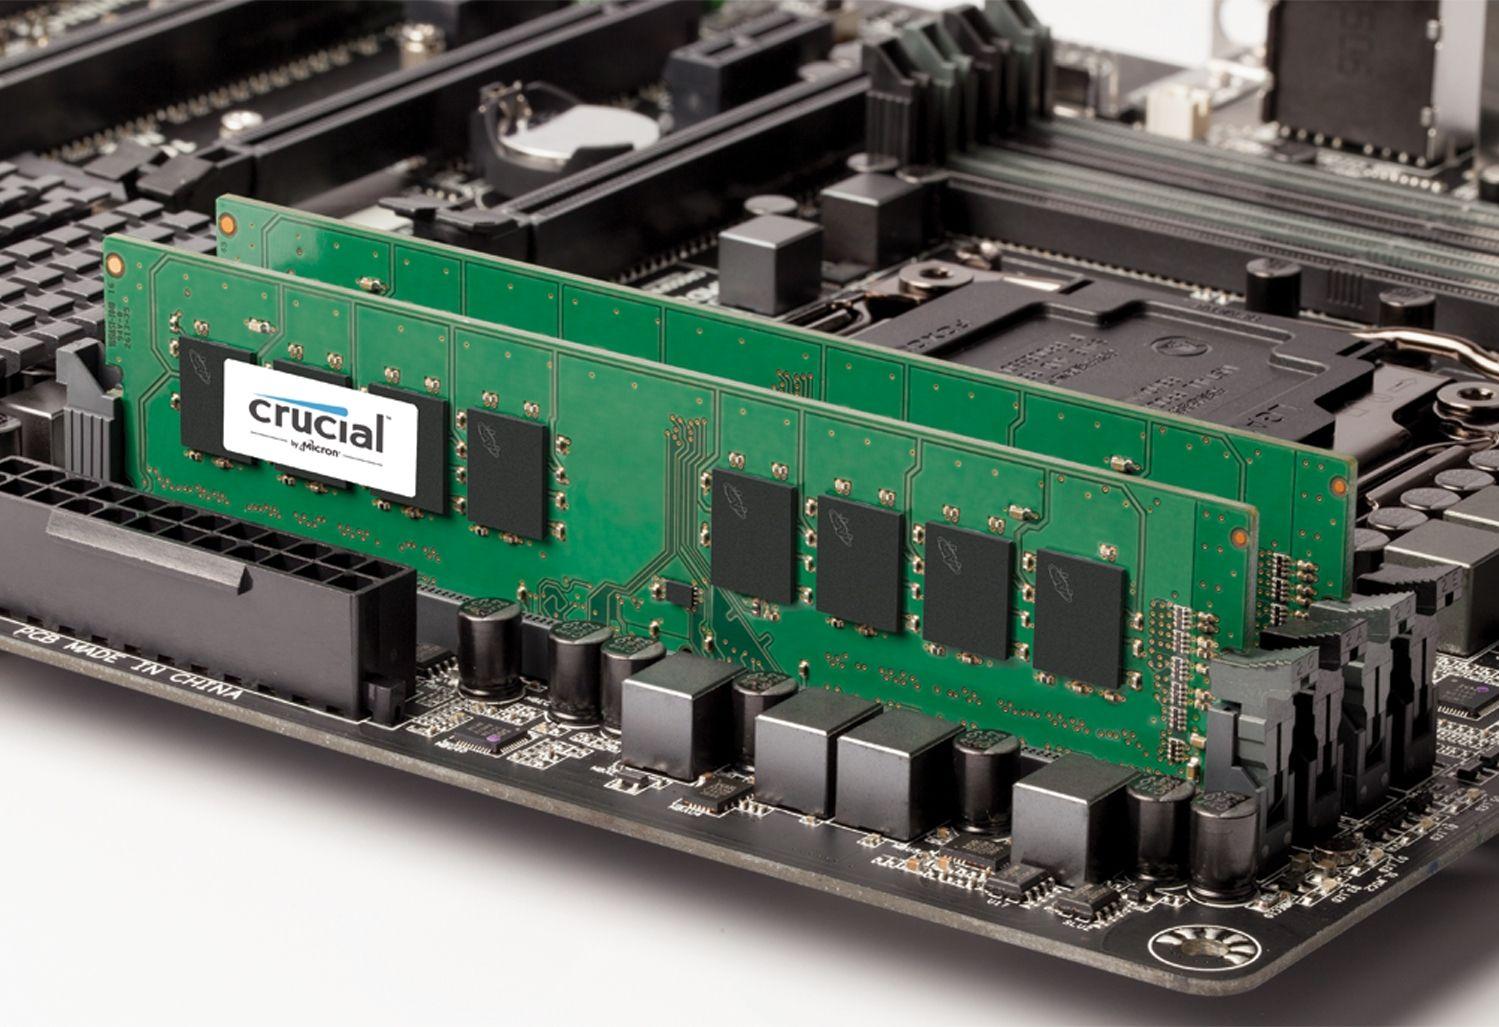 むき出しコンピューターマザーボード上のCrucial RAMメモリモジュール(古いコンピューターのメモリをアップグレードする方法を示す)